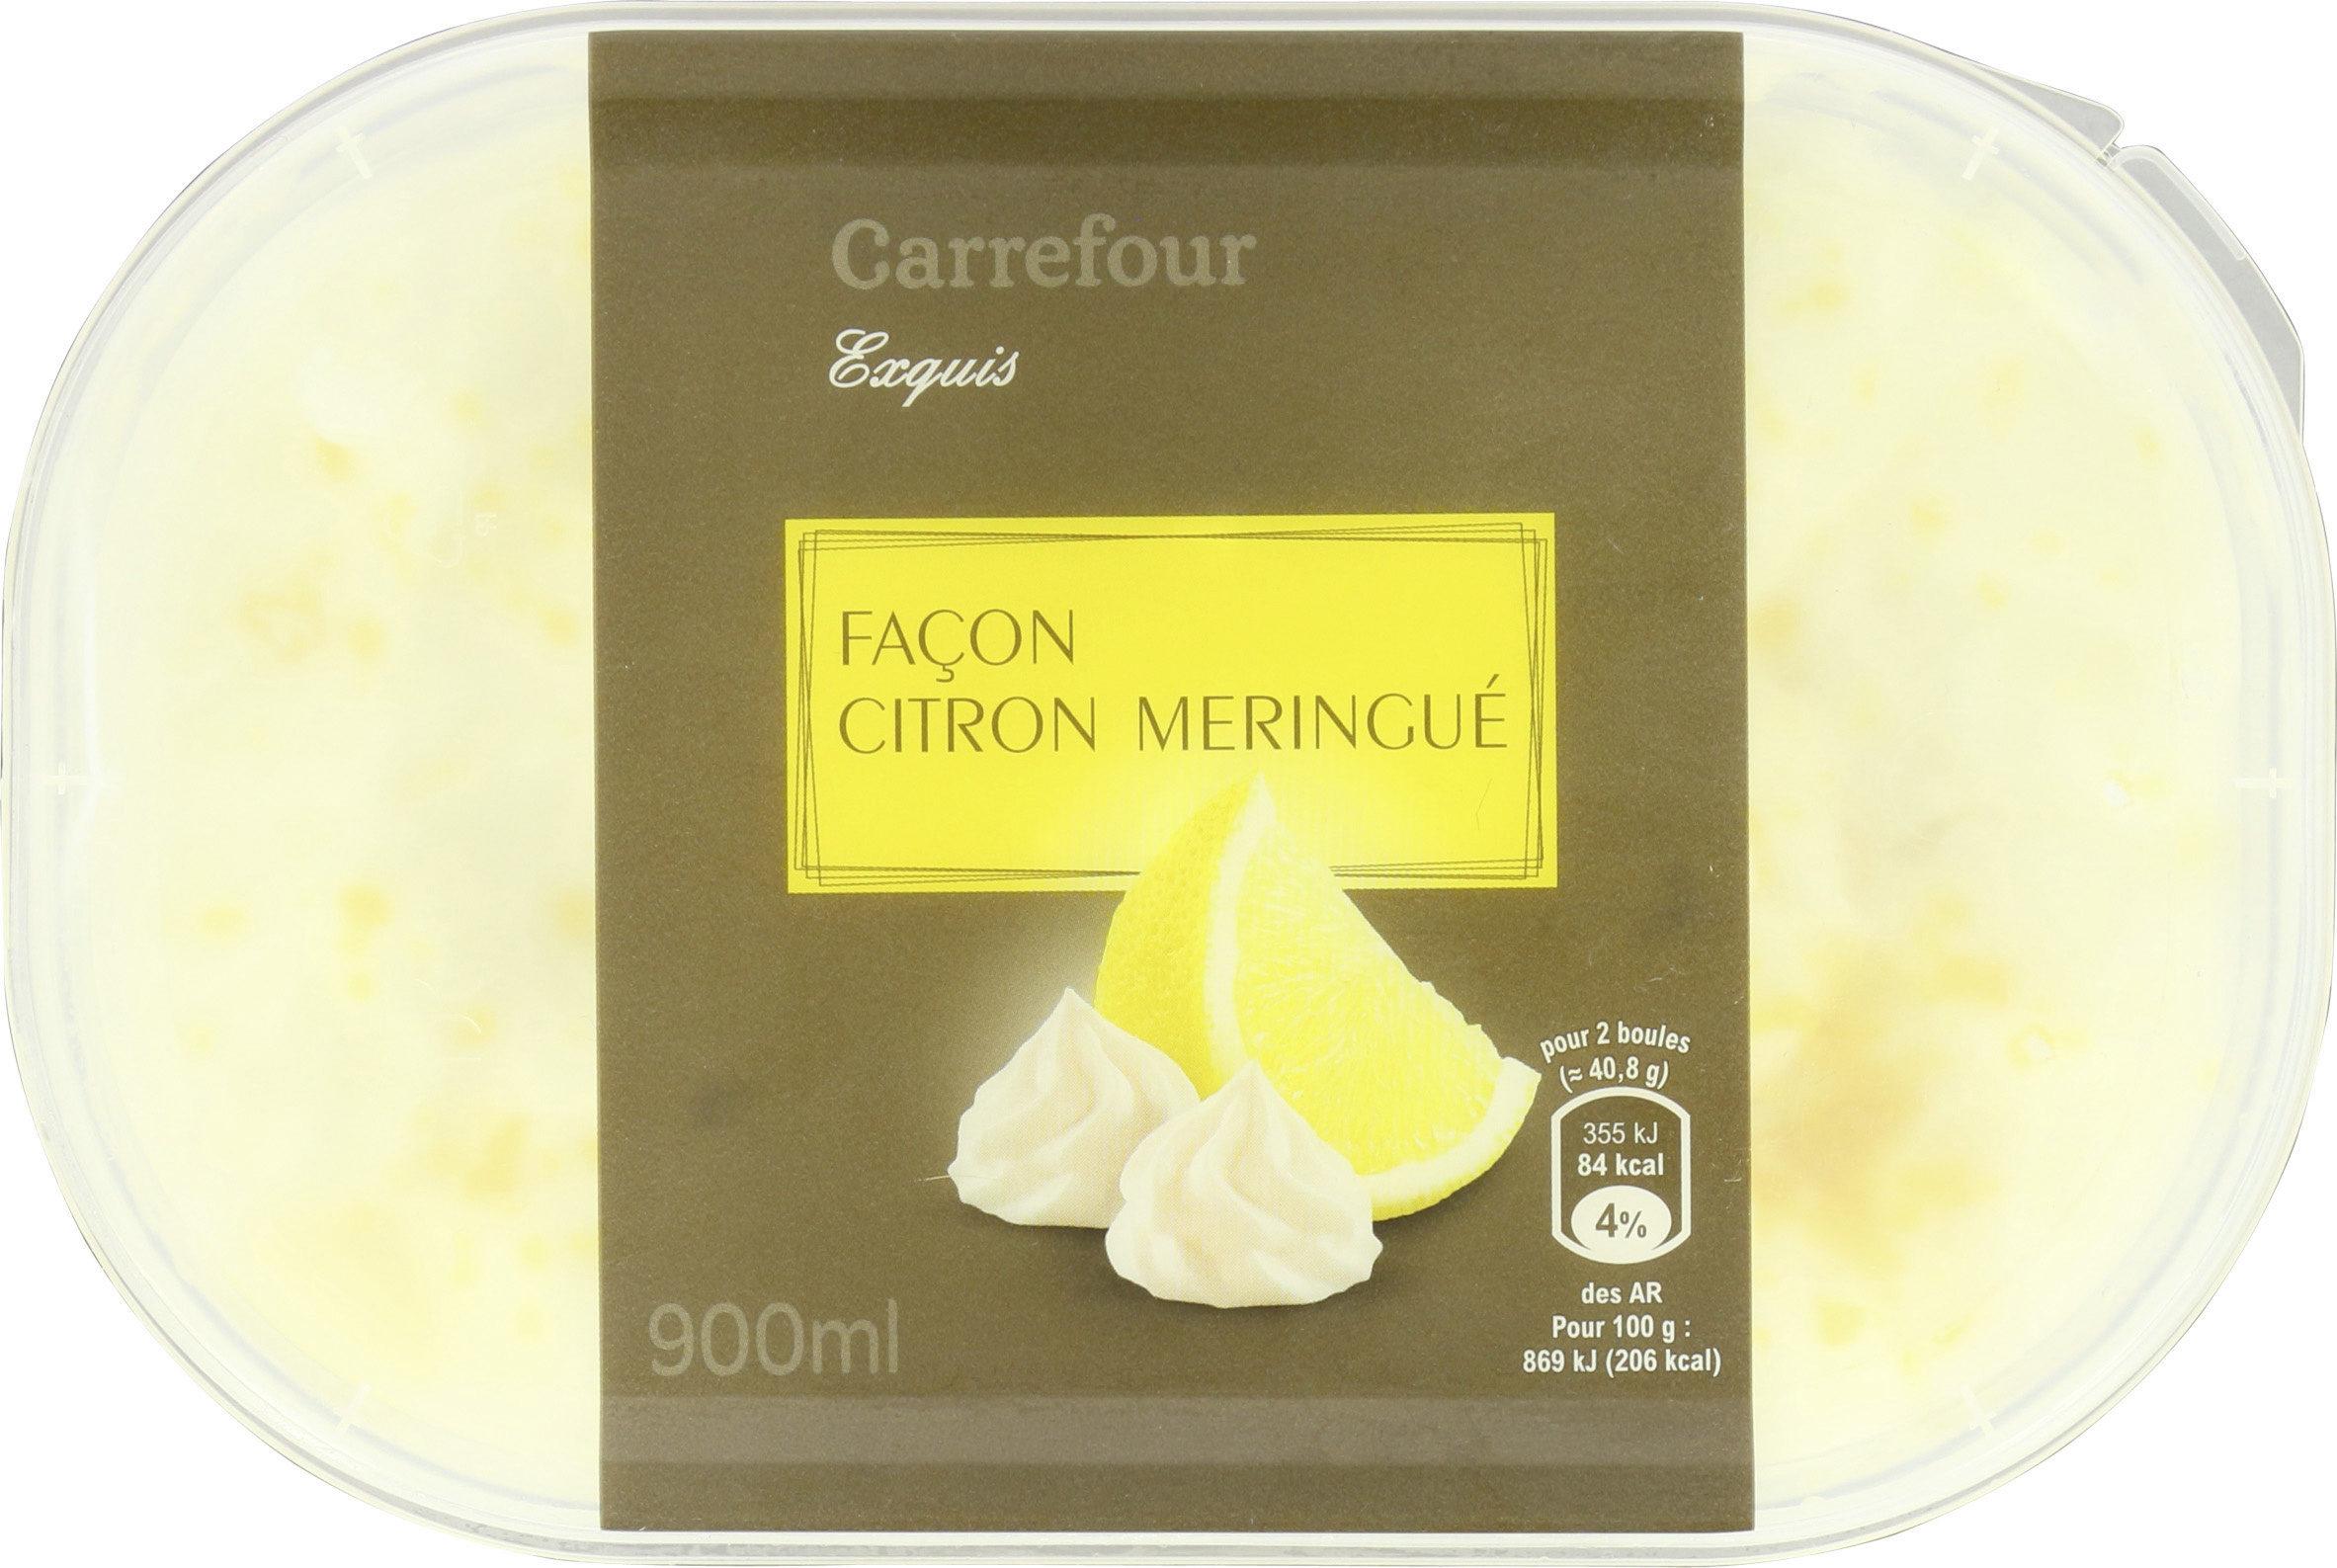 Façon Citron Meringué - Produit - fr